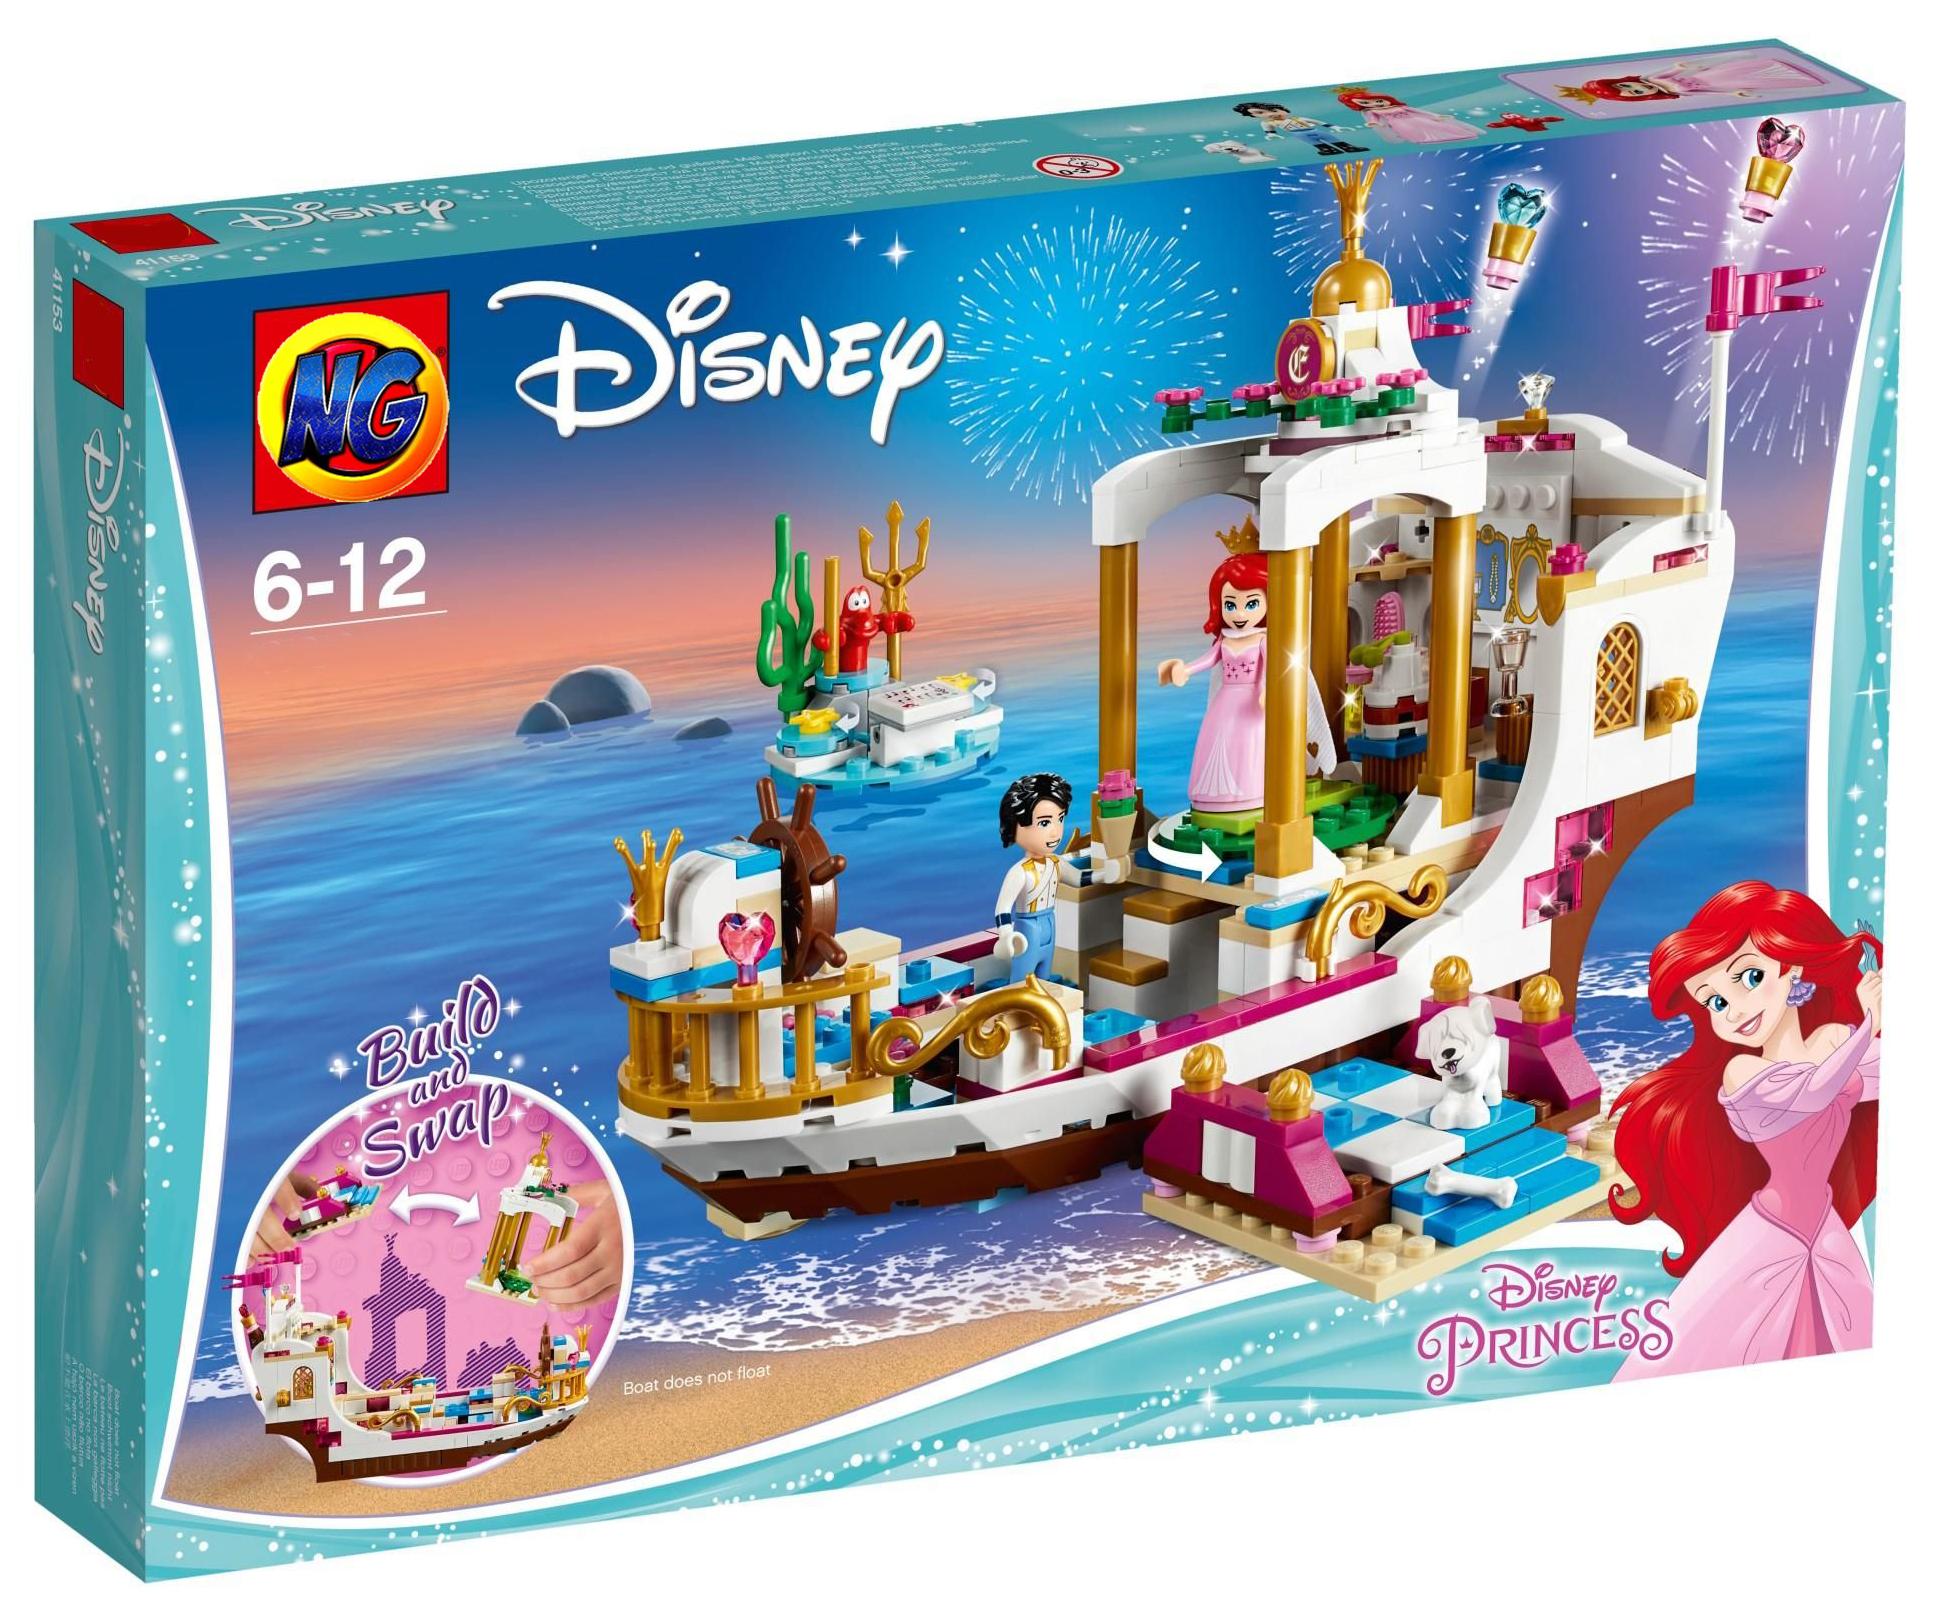 เลโก้เจ้าหญิง เลโก้จีน LEPIN 25013 ชุด Ariel's Royal Celebration Boat